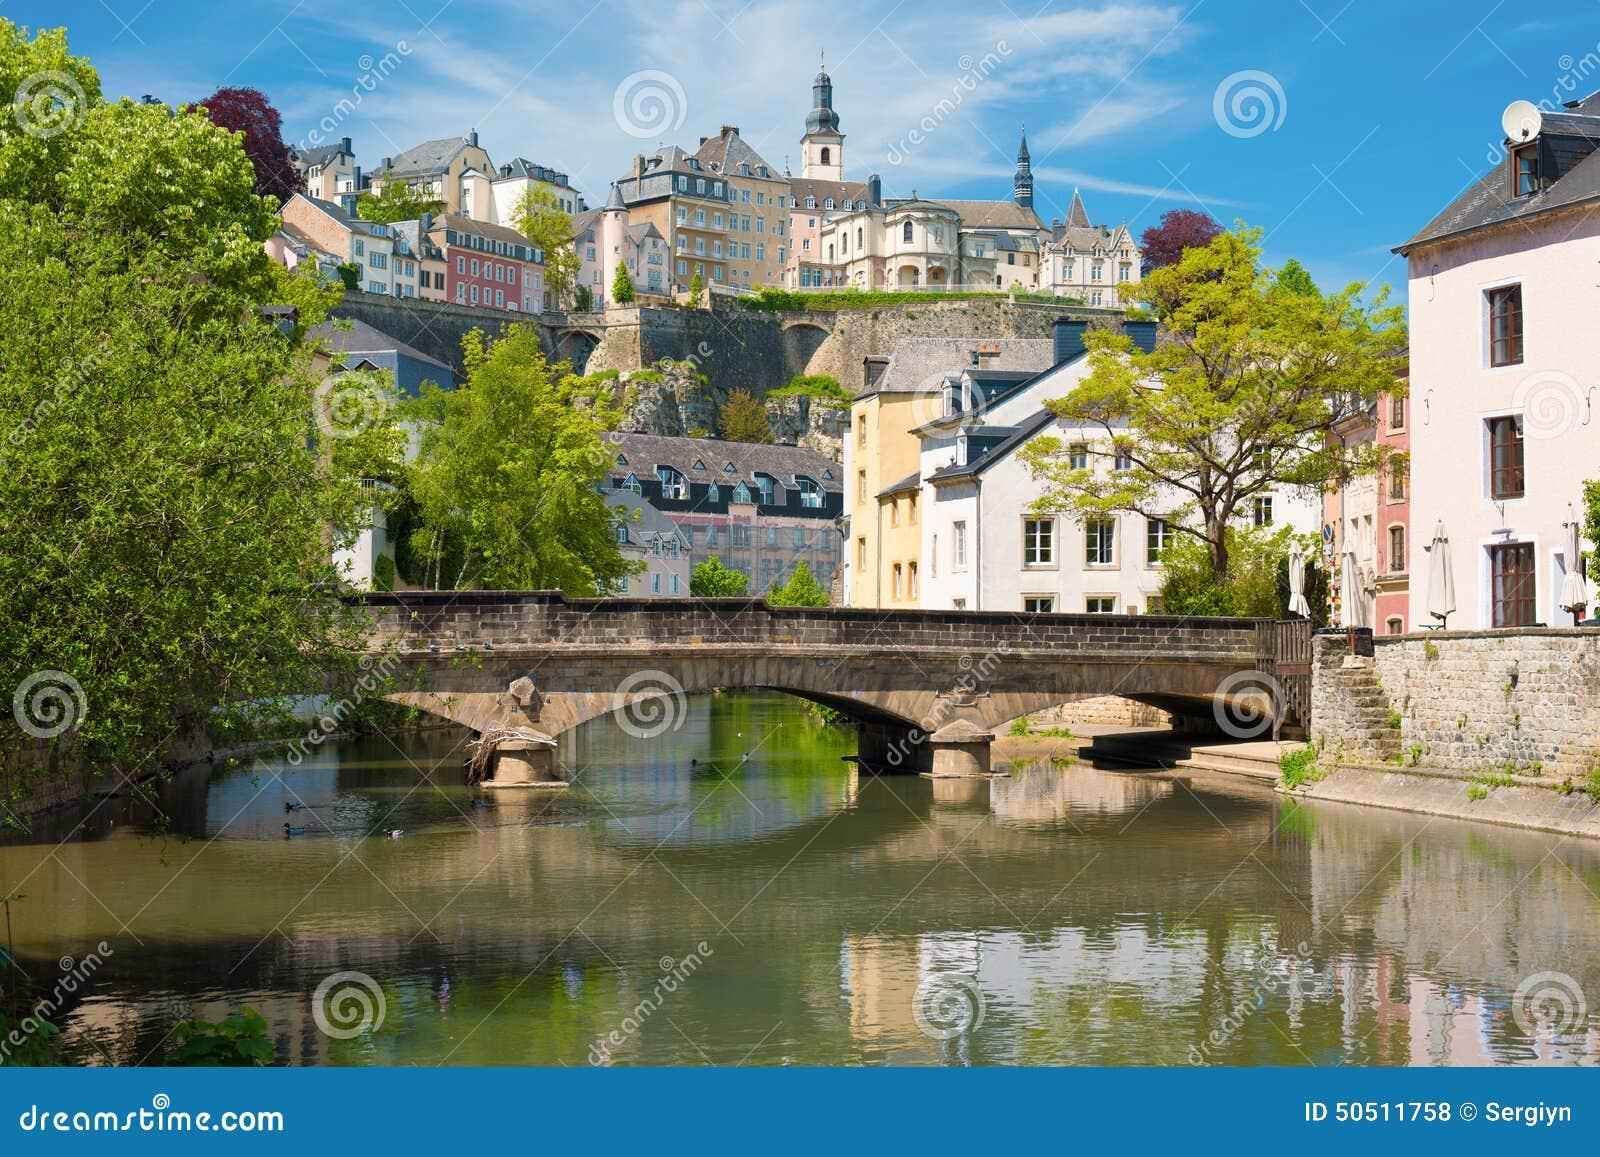 Luxemburg-Stadt an einem Sommertag